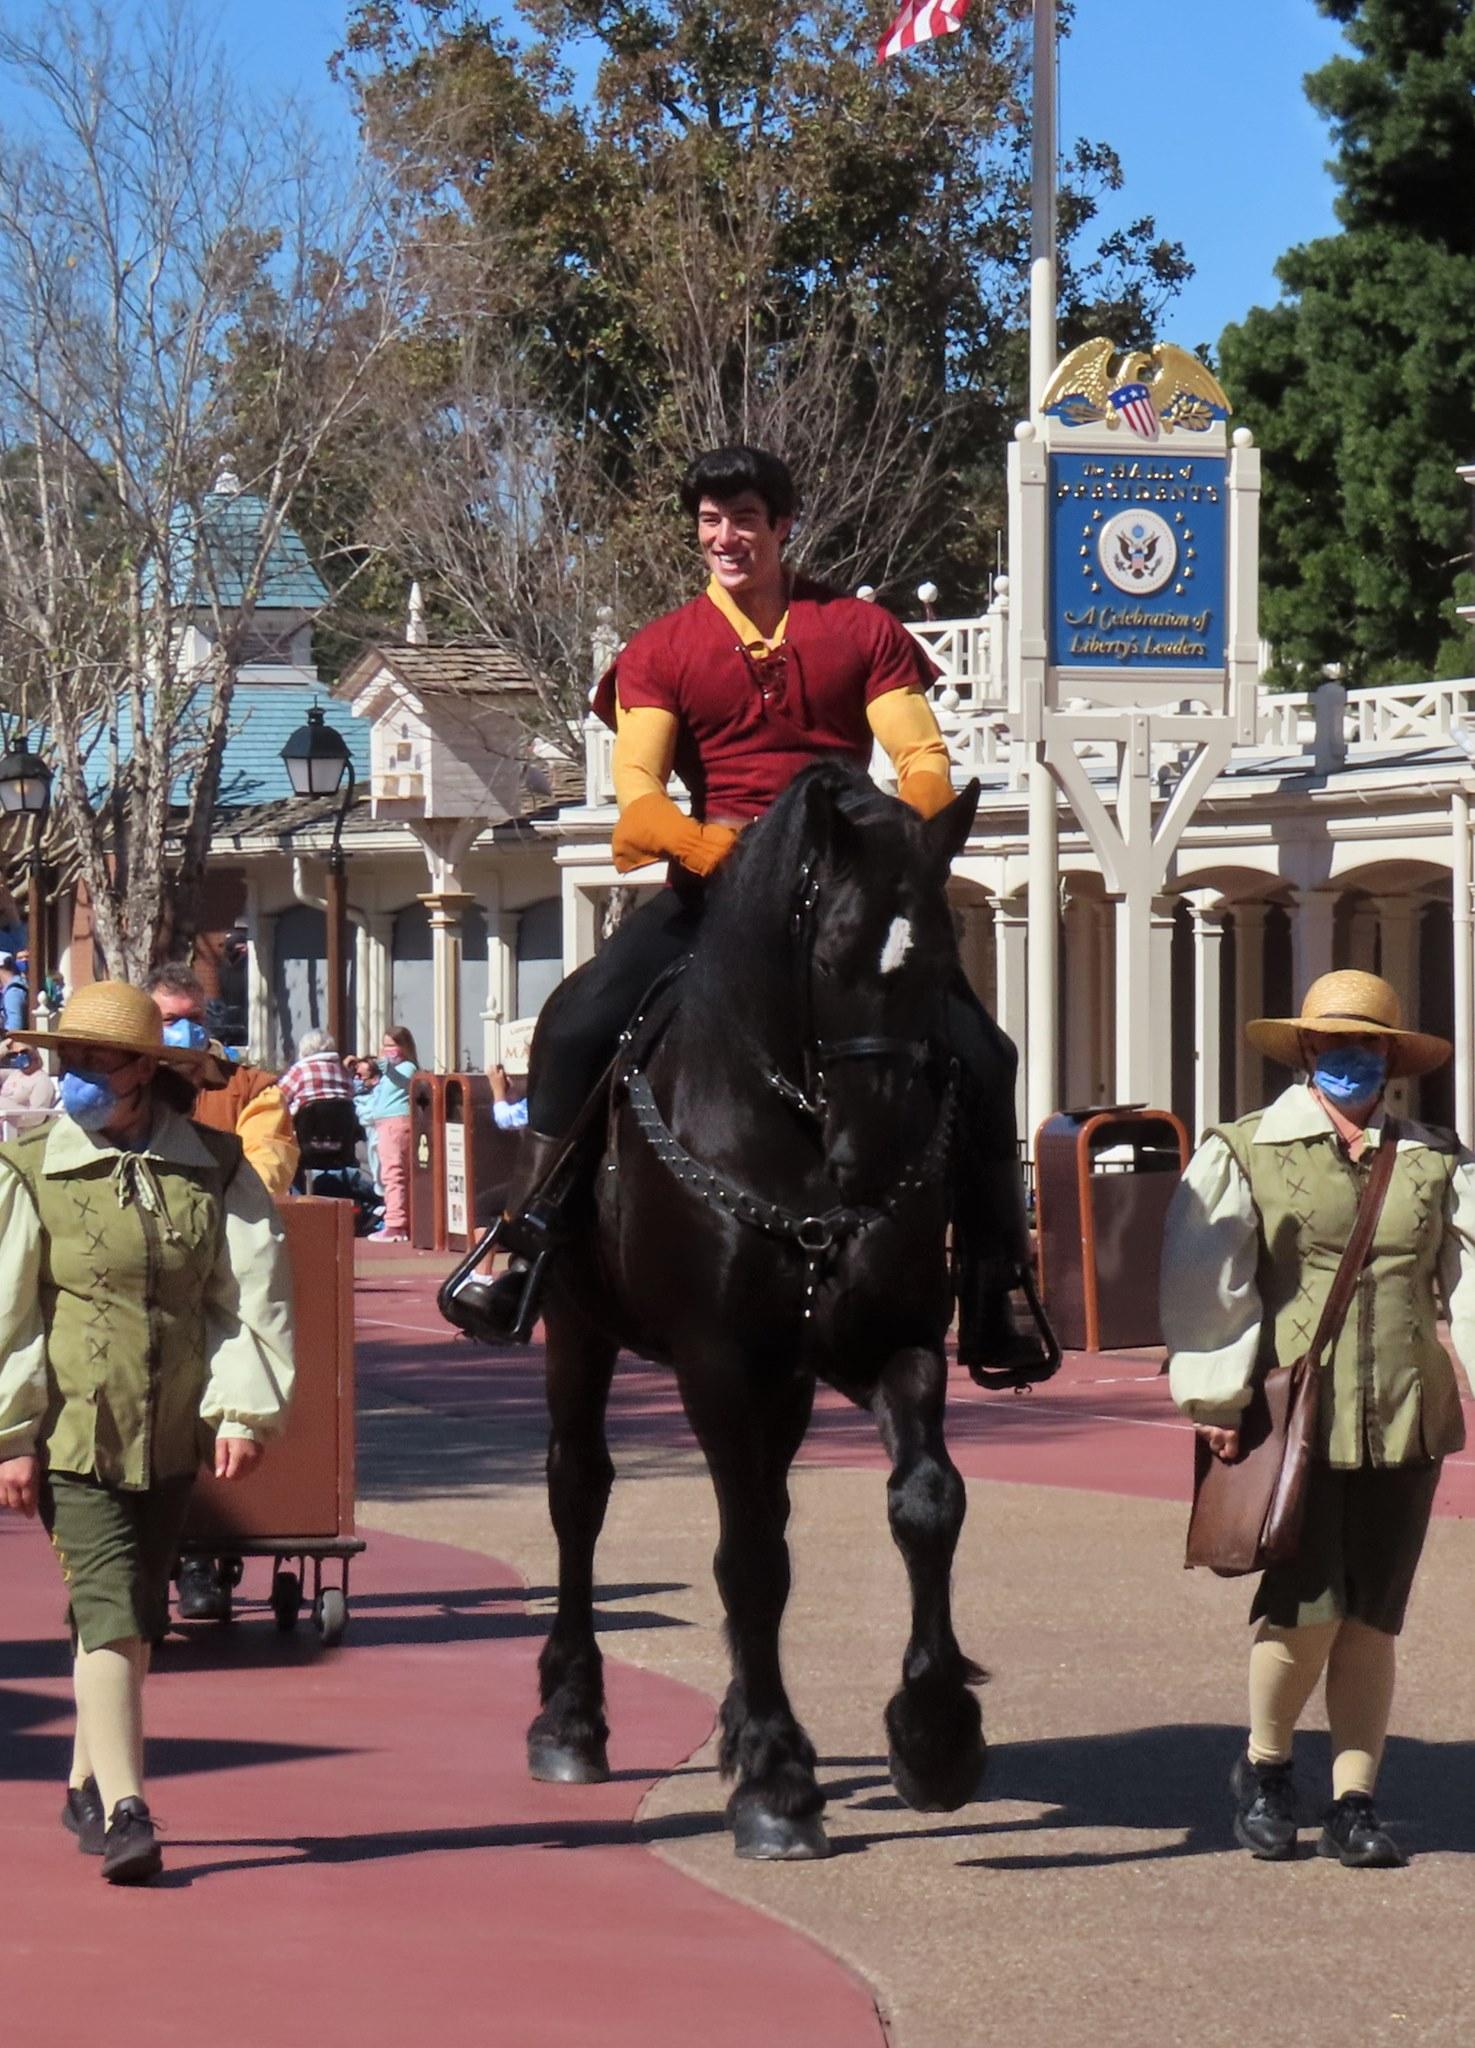 Cavalcade at Disney World